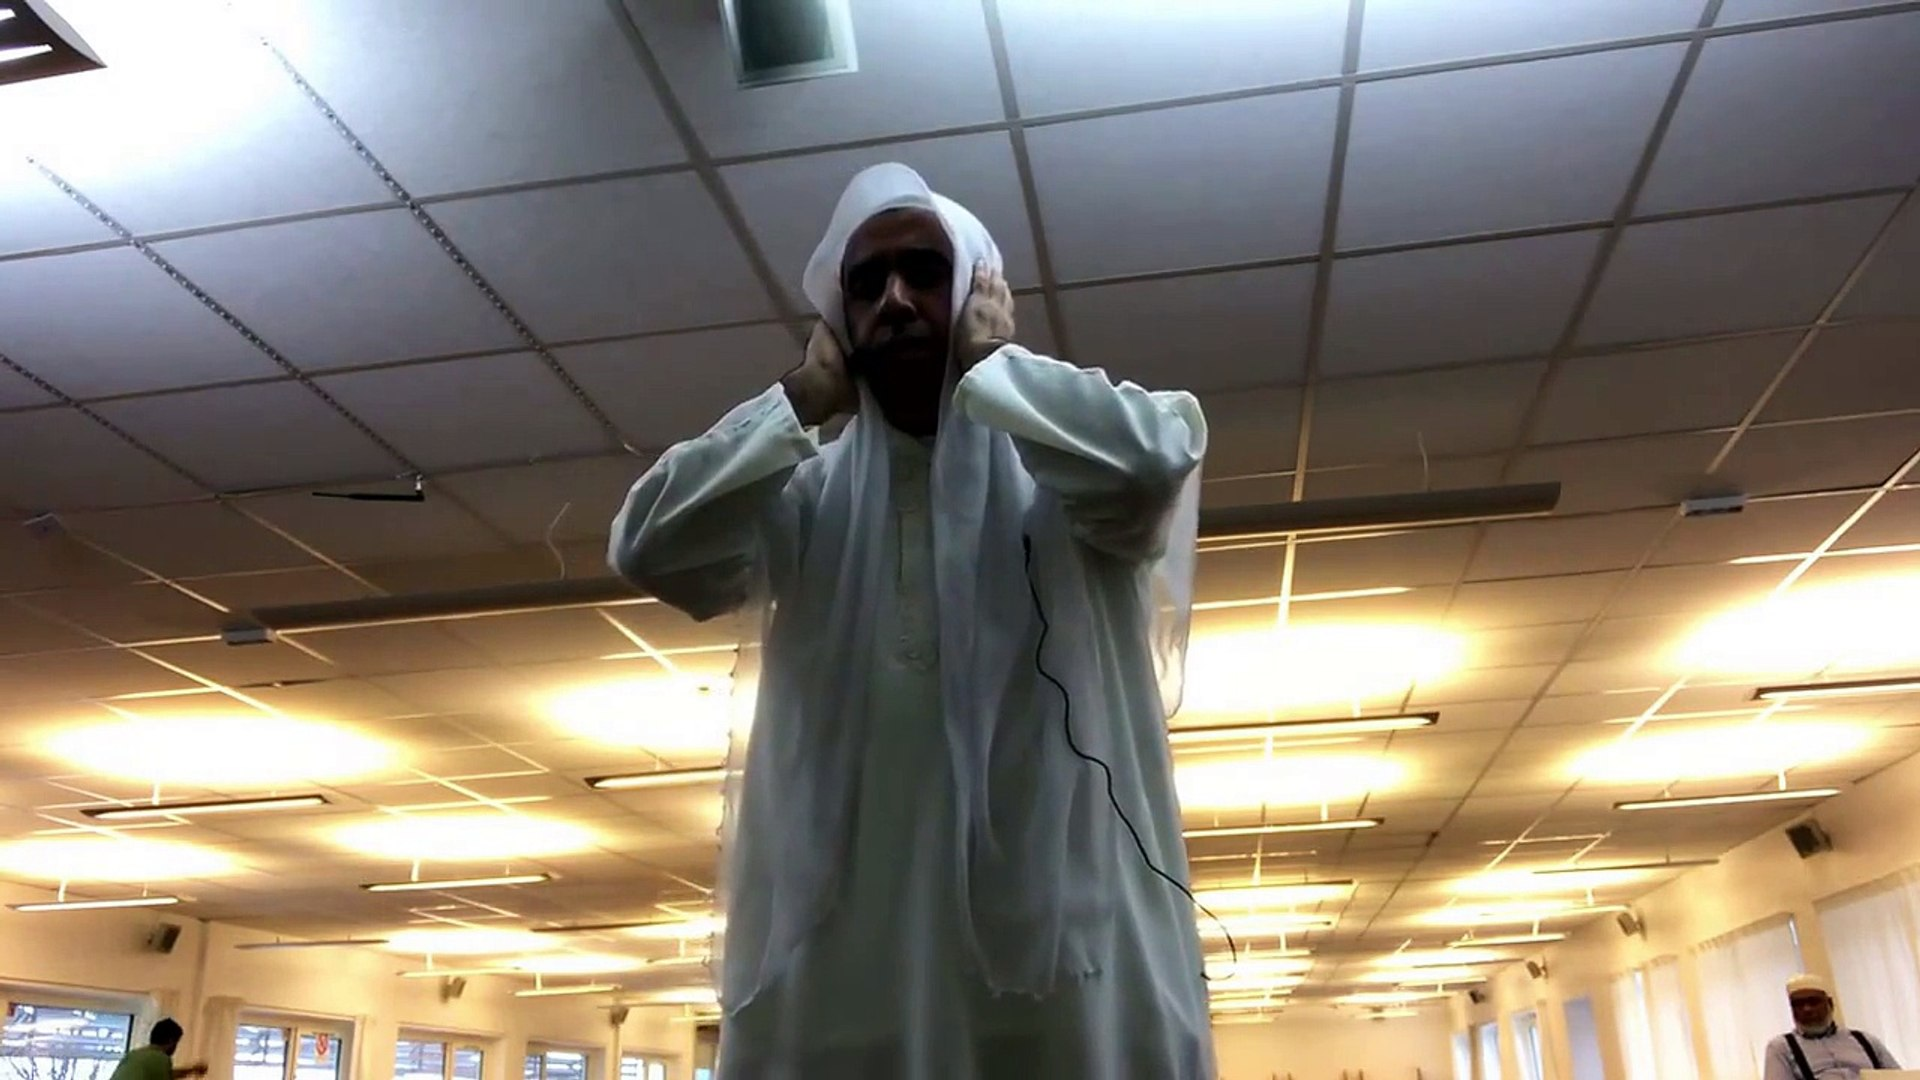 Metin Demirtas. Adhan Madinah. Muhtesem Medine ezani. Medine ezani mp3. Mescidi Nebevi sabah ezani.